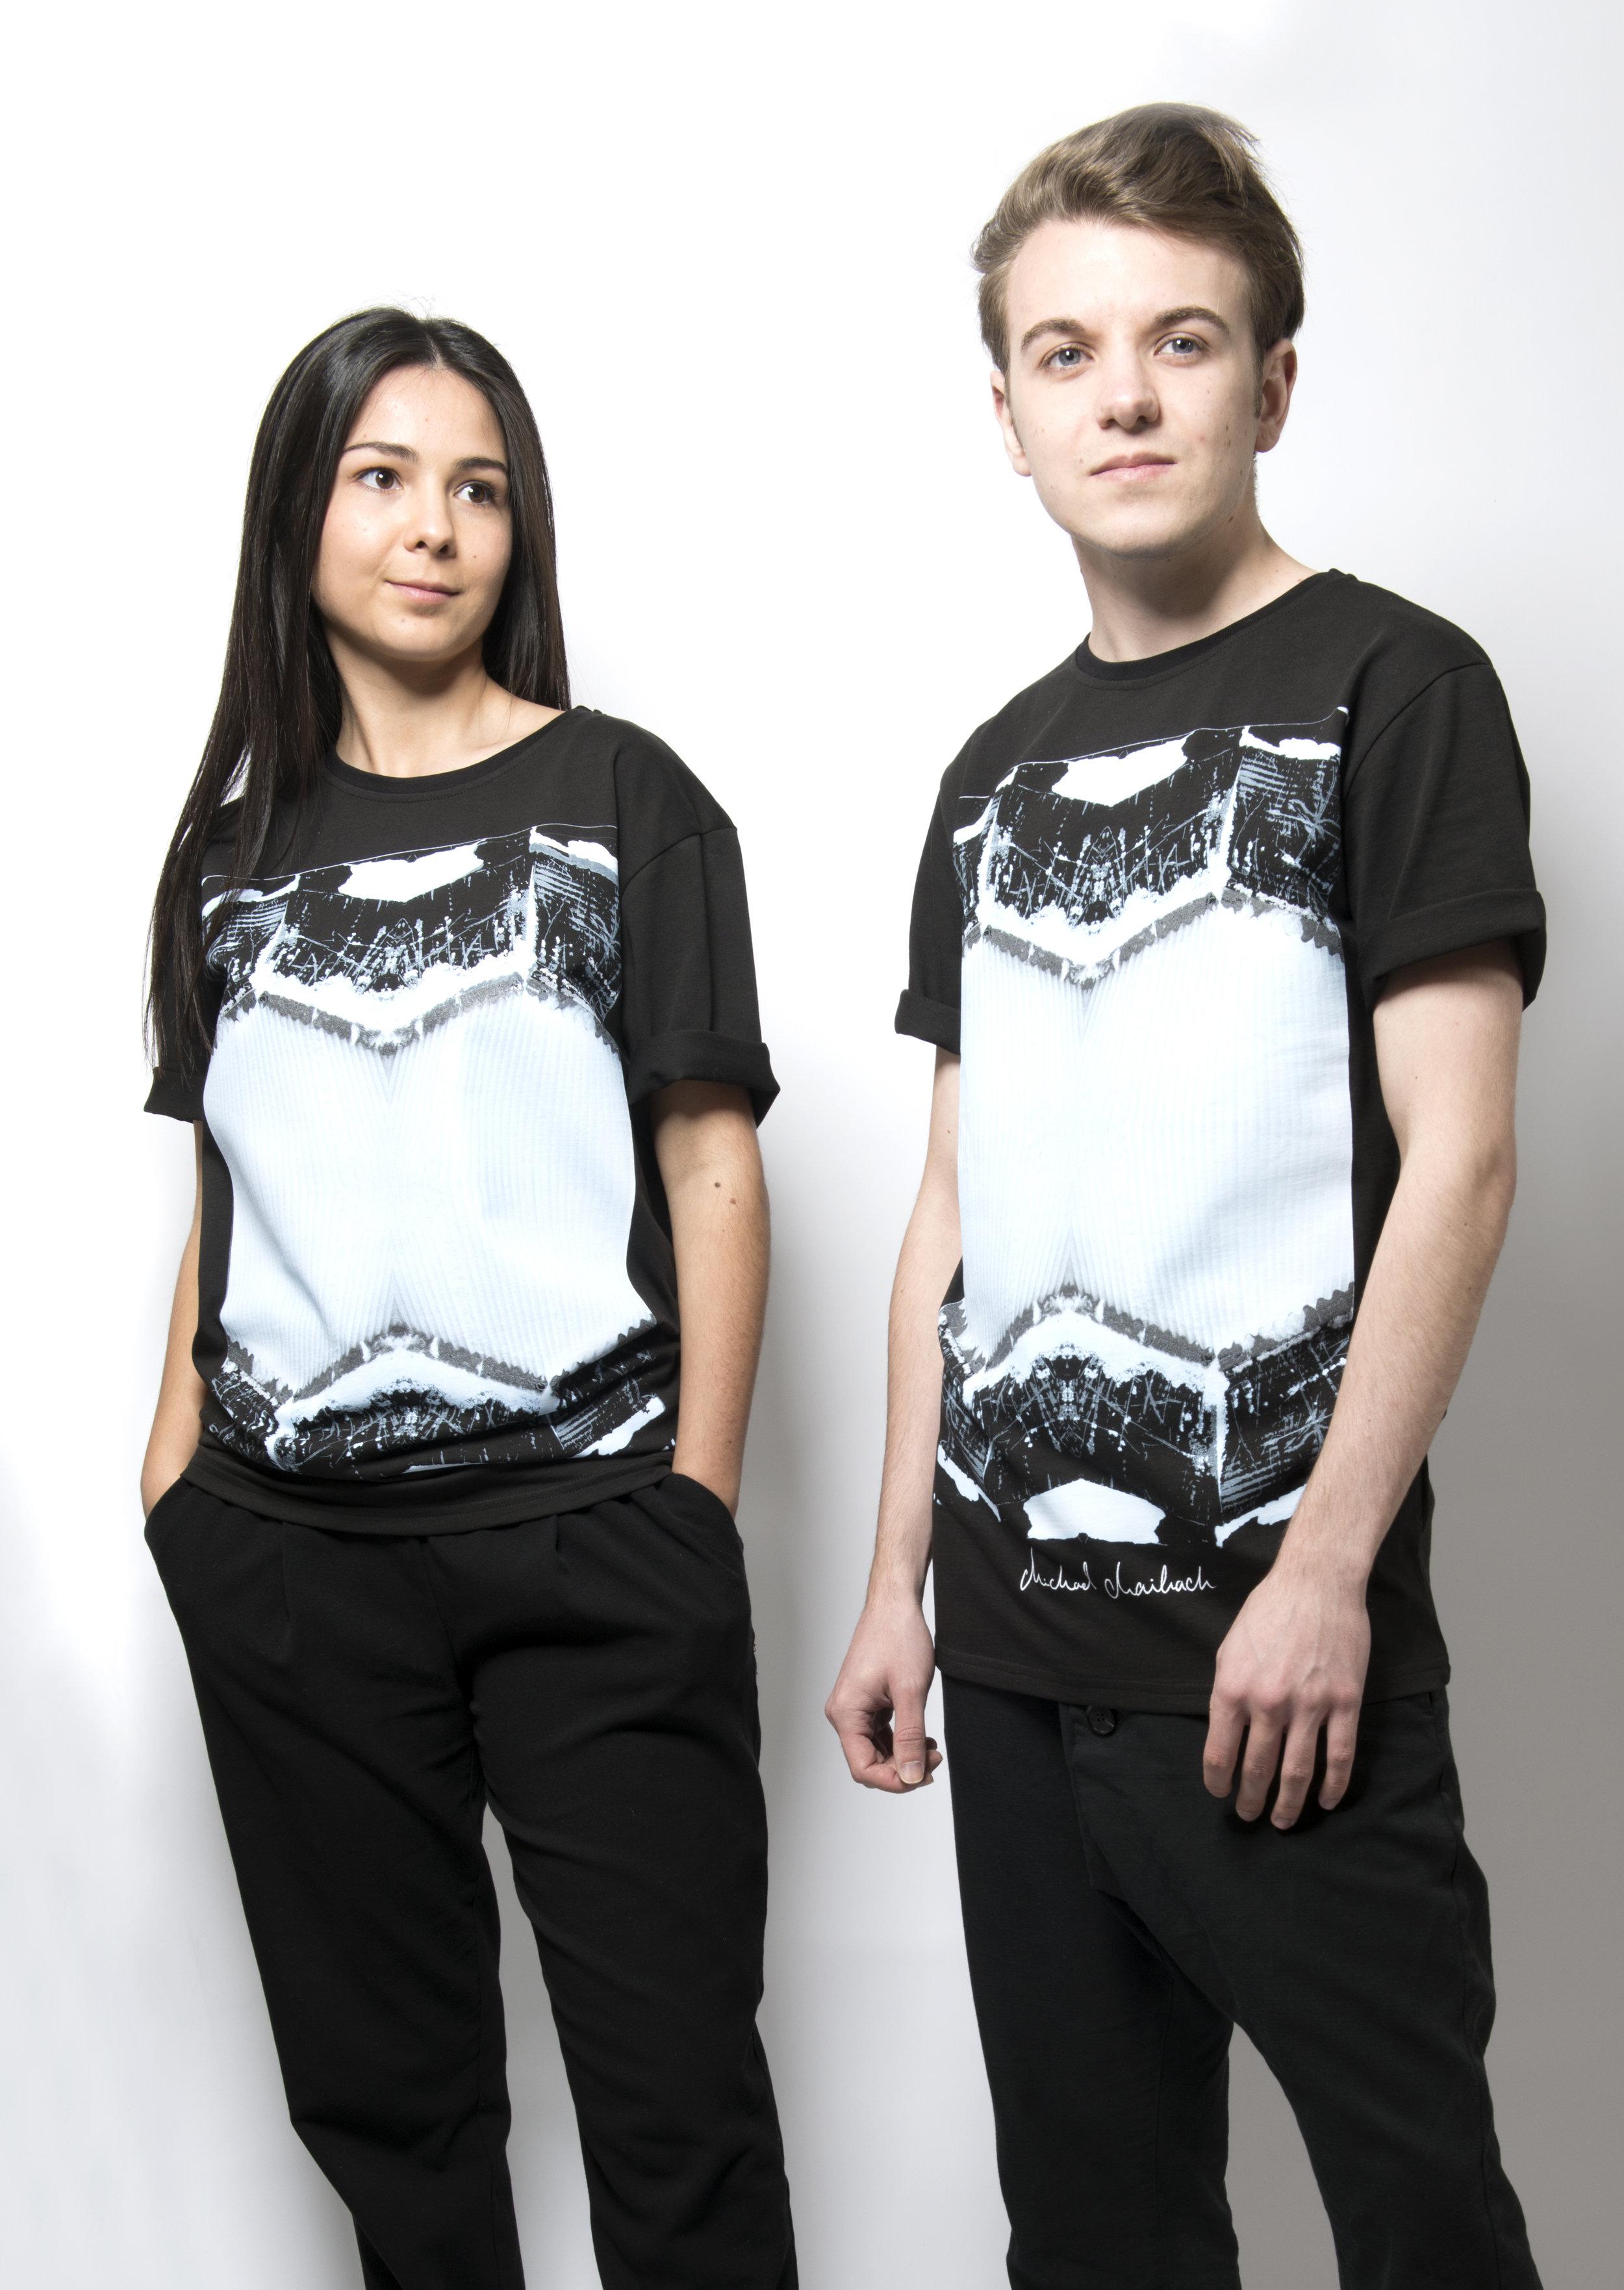 T-Shirt - 44.95€ .ICE-MIRROR - Schwarzes T-Shirt mit Printmotiv im Vorderteil.Erhältlich in S, M, L, XL100% Baumwolle.-Preis inkl. MwSt und zzgl. Versand.Beachtung der AGB's.